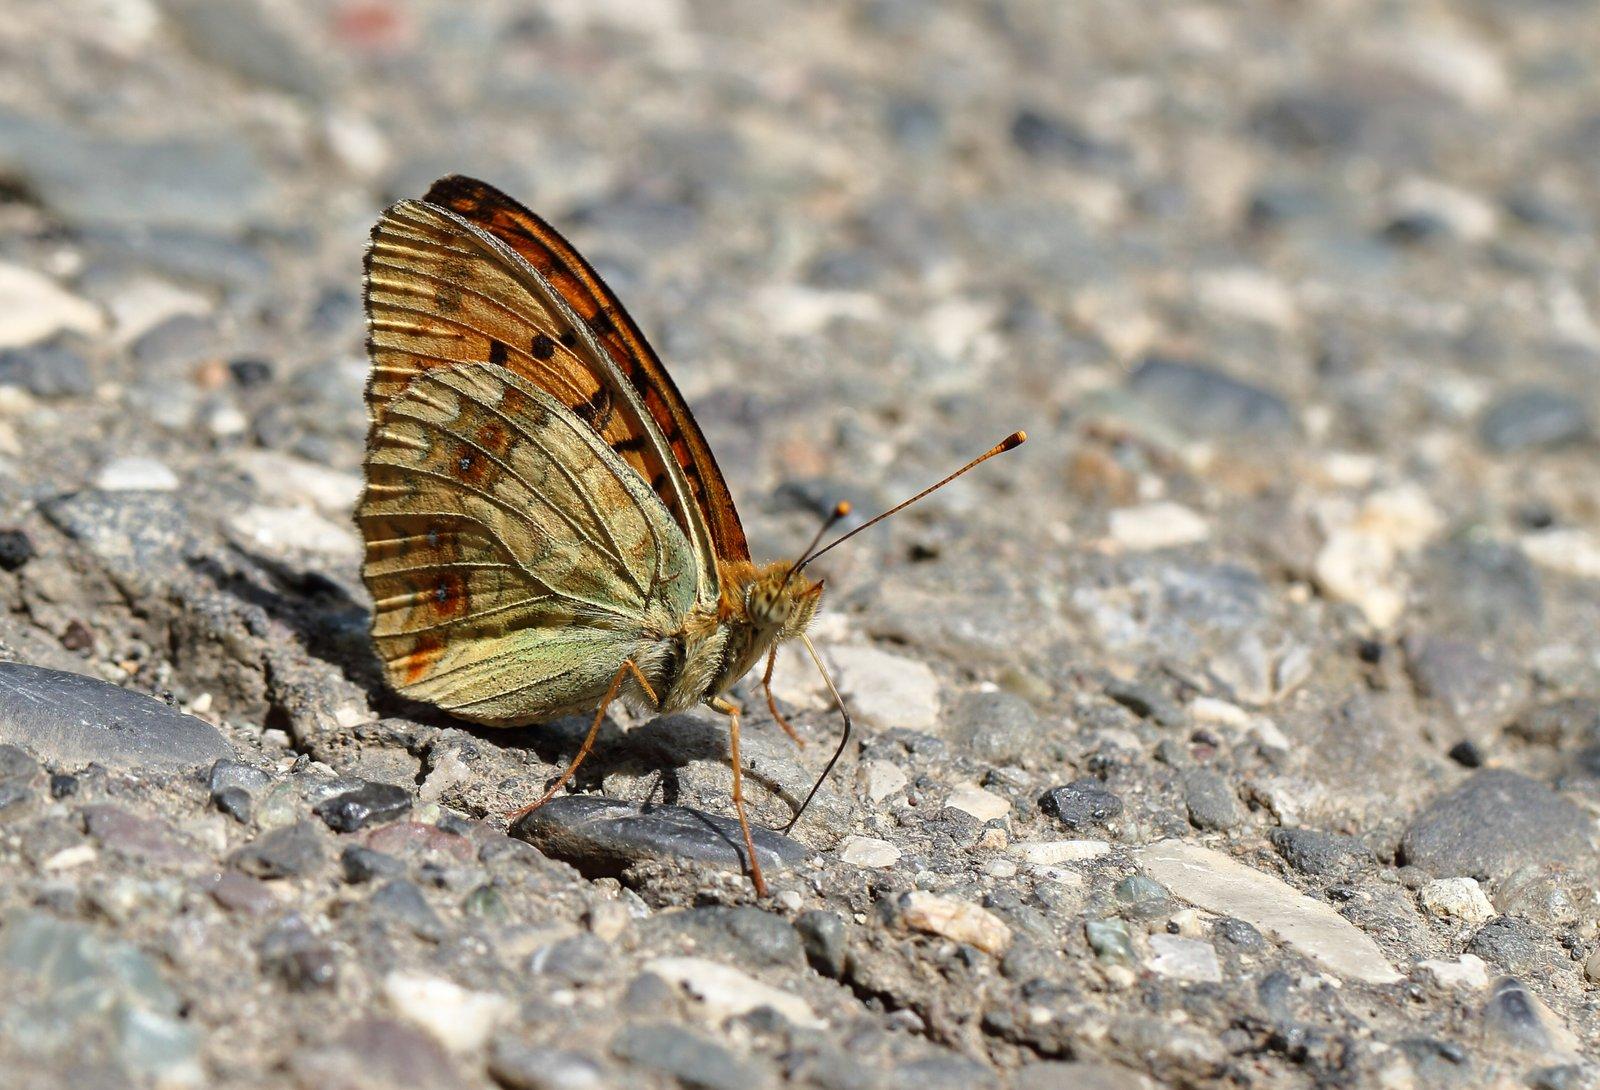 Skovperlemorsommerfugl, Argynnis adippe form cleodoxa